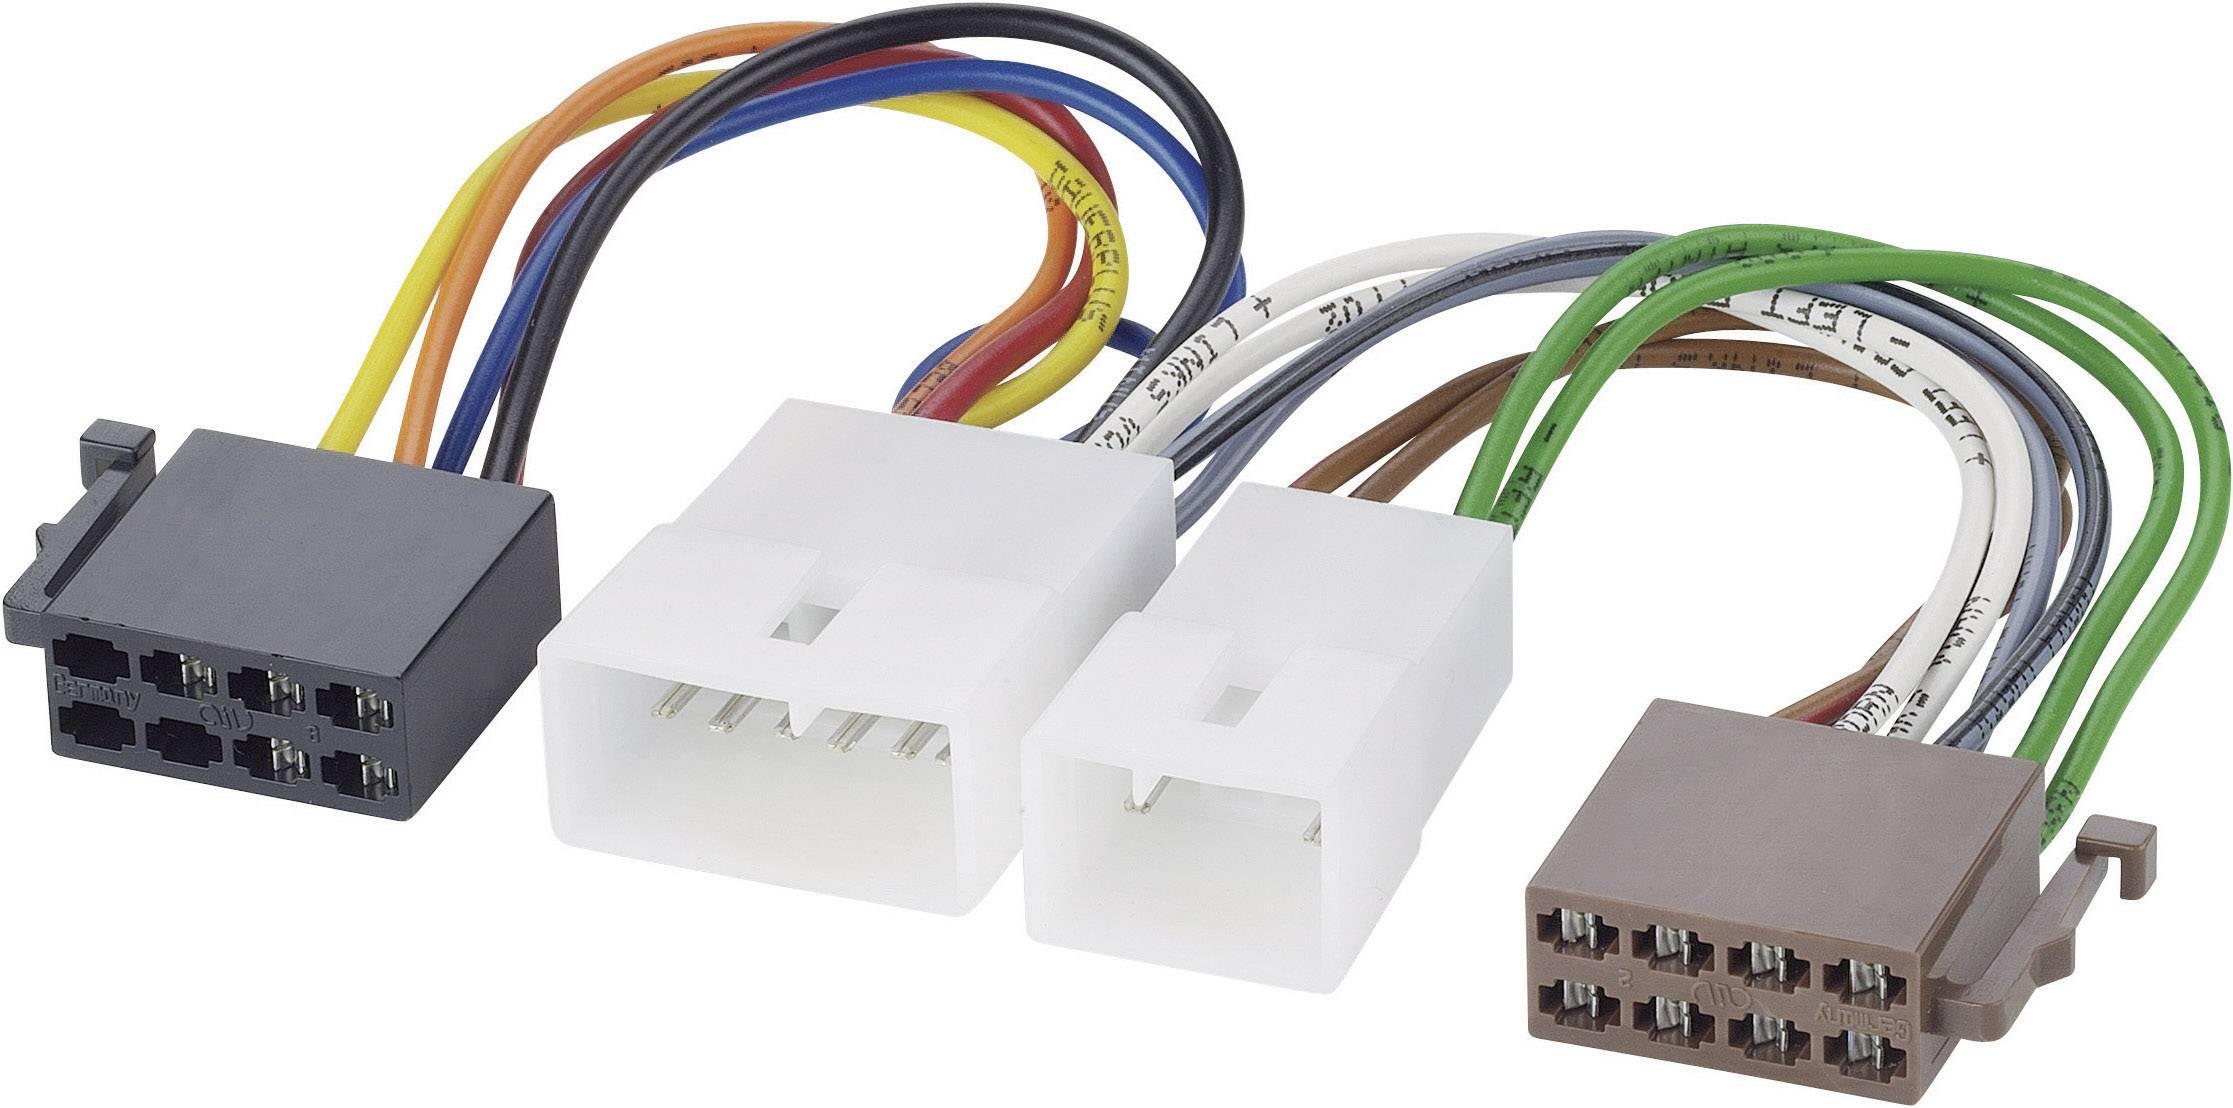 ISO adaptérový kábel pre autorádio AIV 41C817 vhodné pre autá Daihatsu, Lexus, Subaru, Toyota